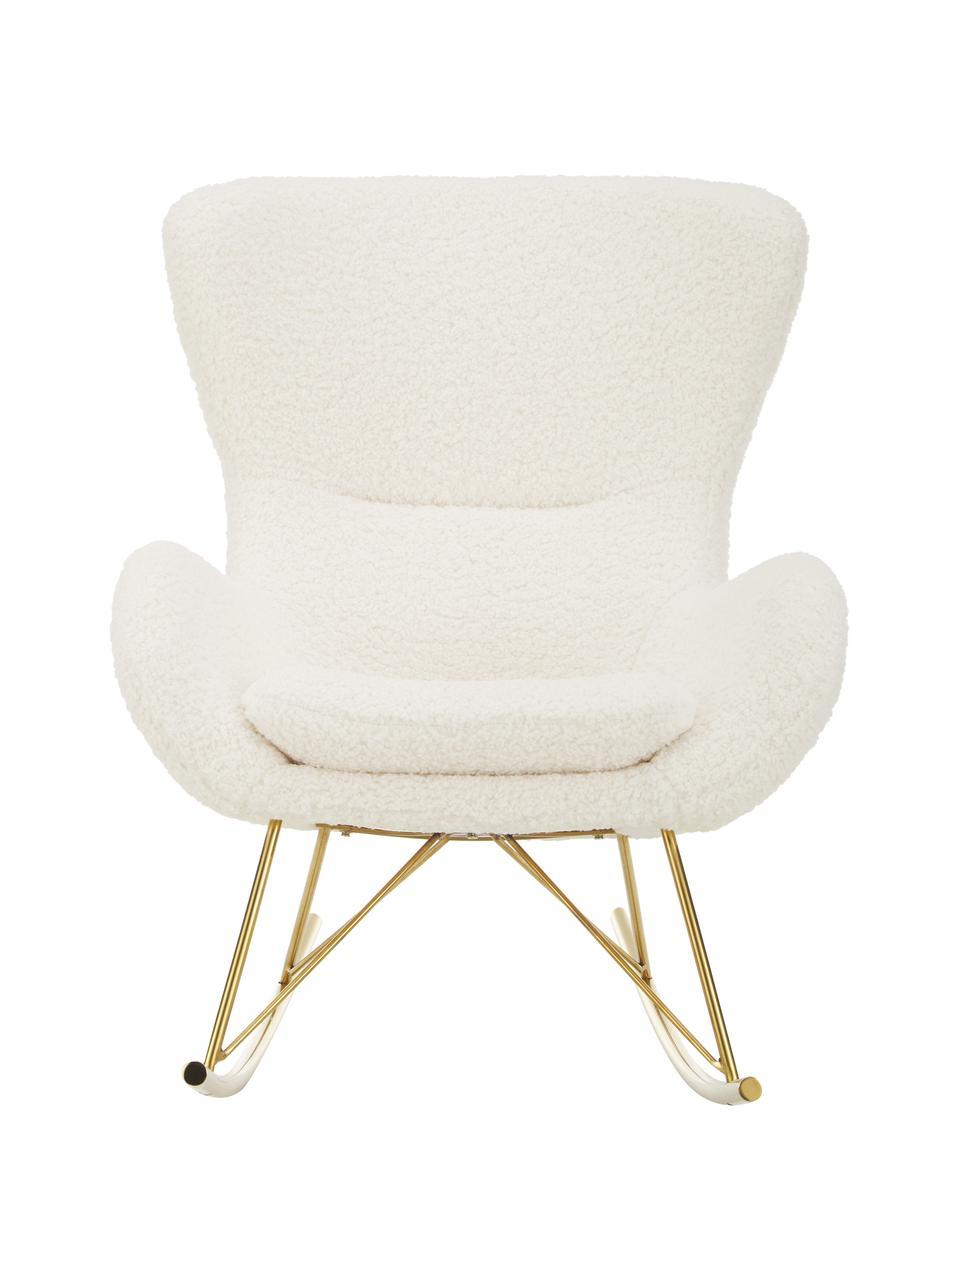 Fotel bujany z metalowymi nogami Teddy Wing, Tapicerka: poliester (futro Teddy) D, Stelaż: metal galwanizowany, Teddy kremowobiały, odcienie złotego, S 66 x G 102 cm